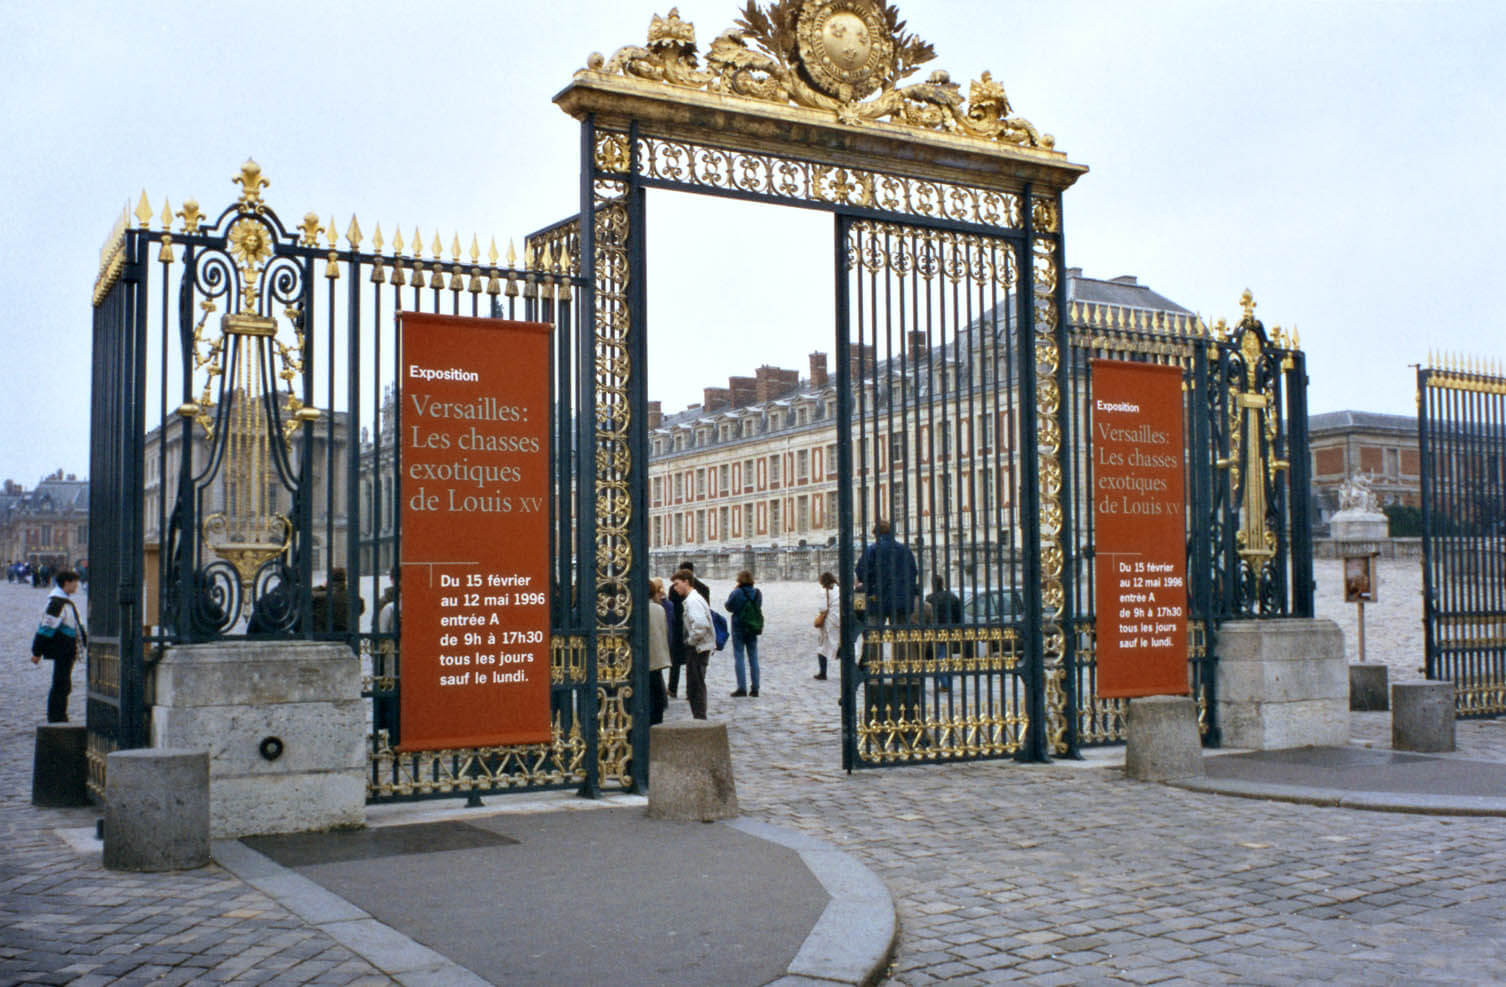 Image Château de Versailles 2